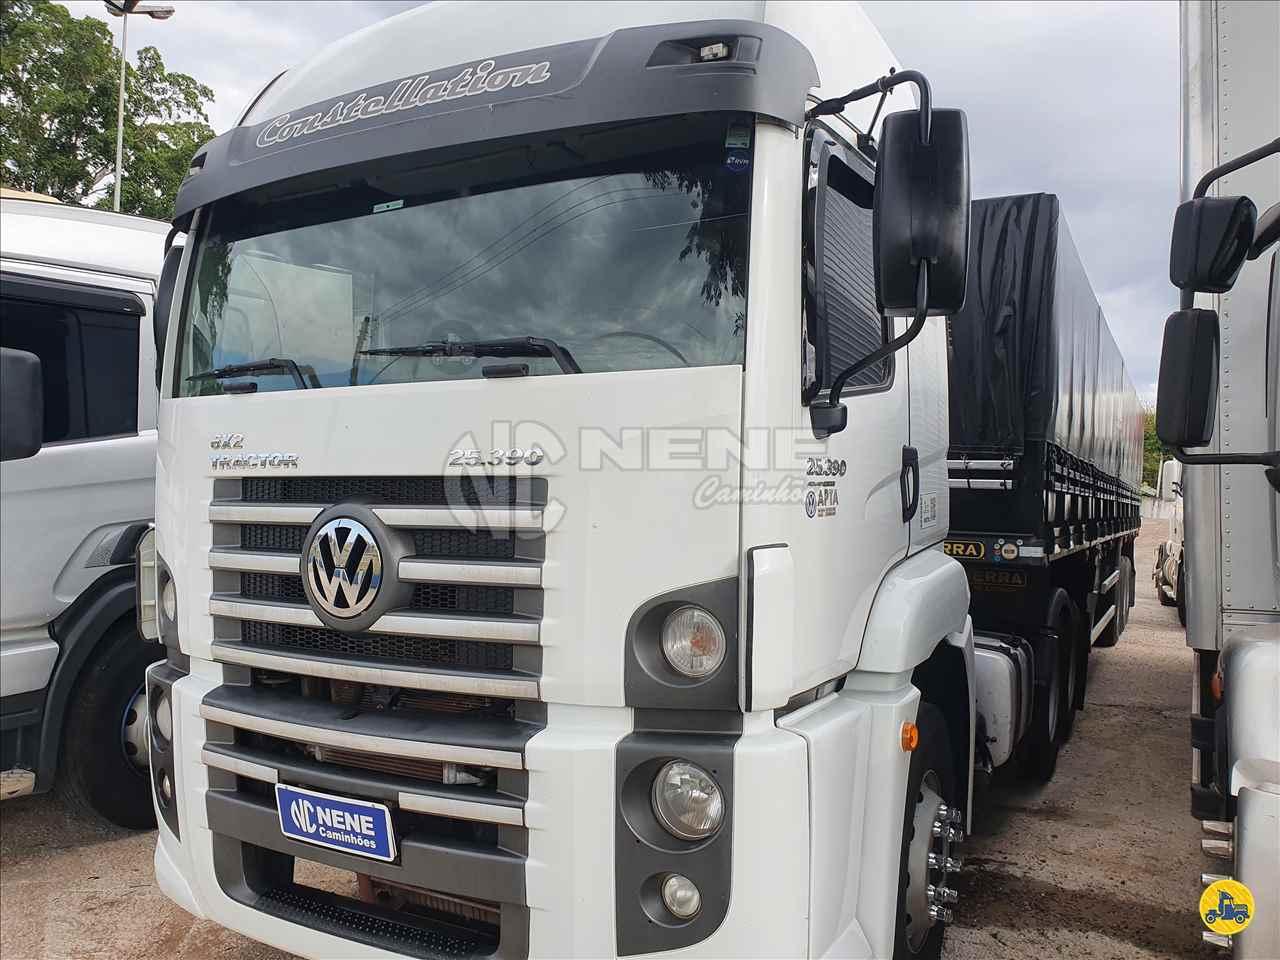 CAMINHAO VOLKSWAGEN VW 25390 Cavalo Mecânico Truck 6x2 Nene Caminhões SAO JOAO DA BOA VISTA SÃO PAULO SP